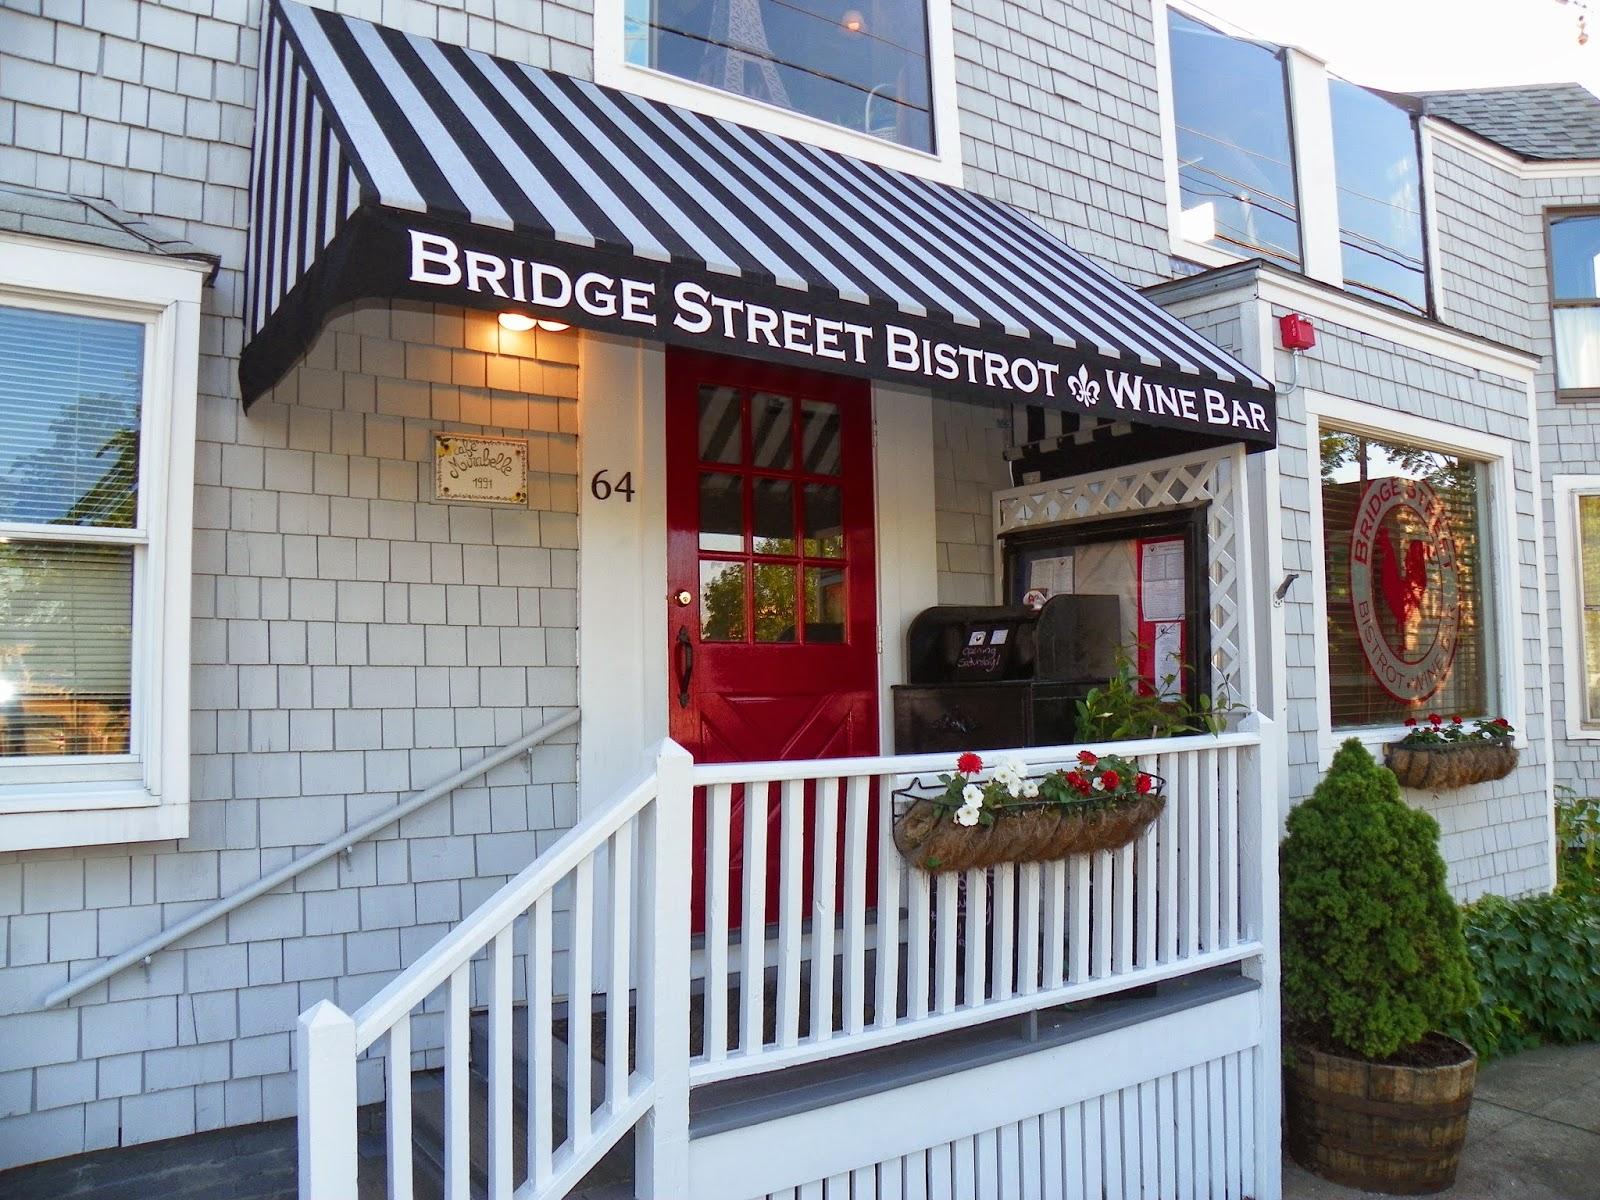 the cultural dish restaurants in portsmouth nh bridge st bistrot wine bar. Black Bedroom Furniture Sets. Home Design Ideas